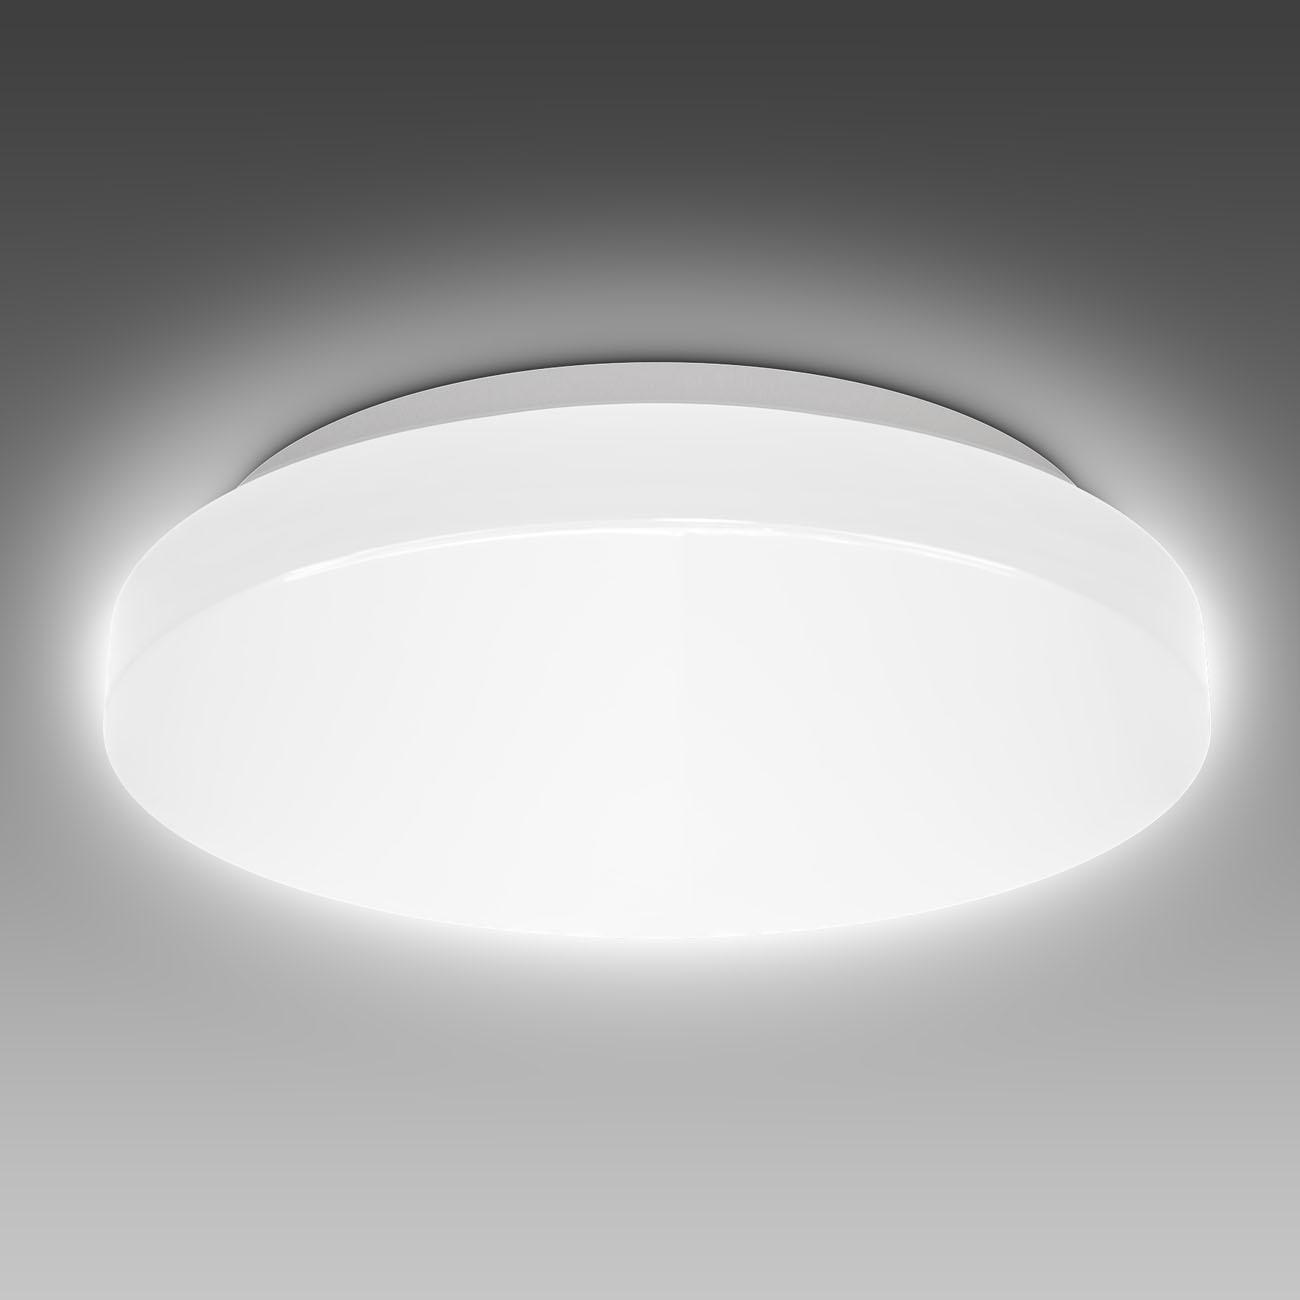 LED Deckenleuchte Badlampe IP44 M - 3